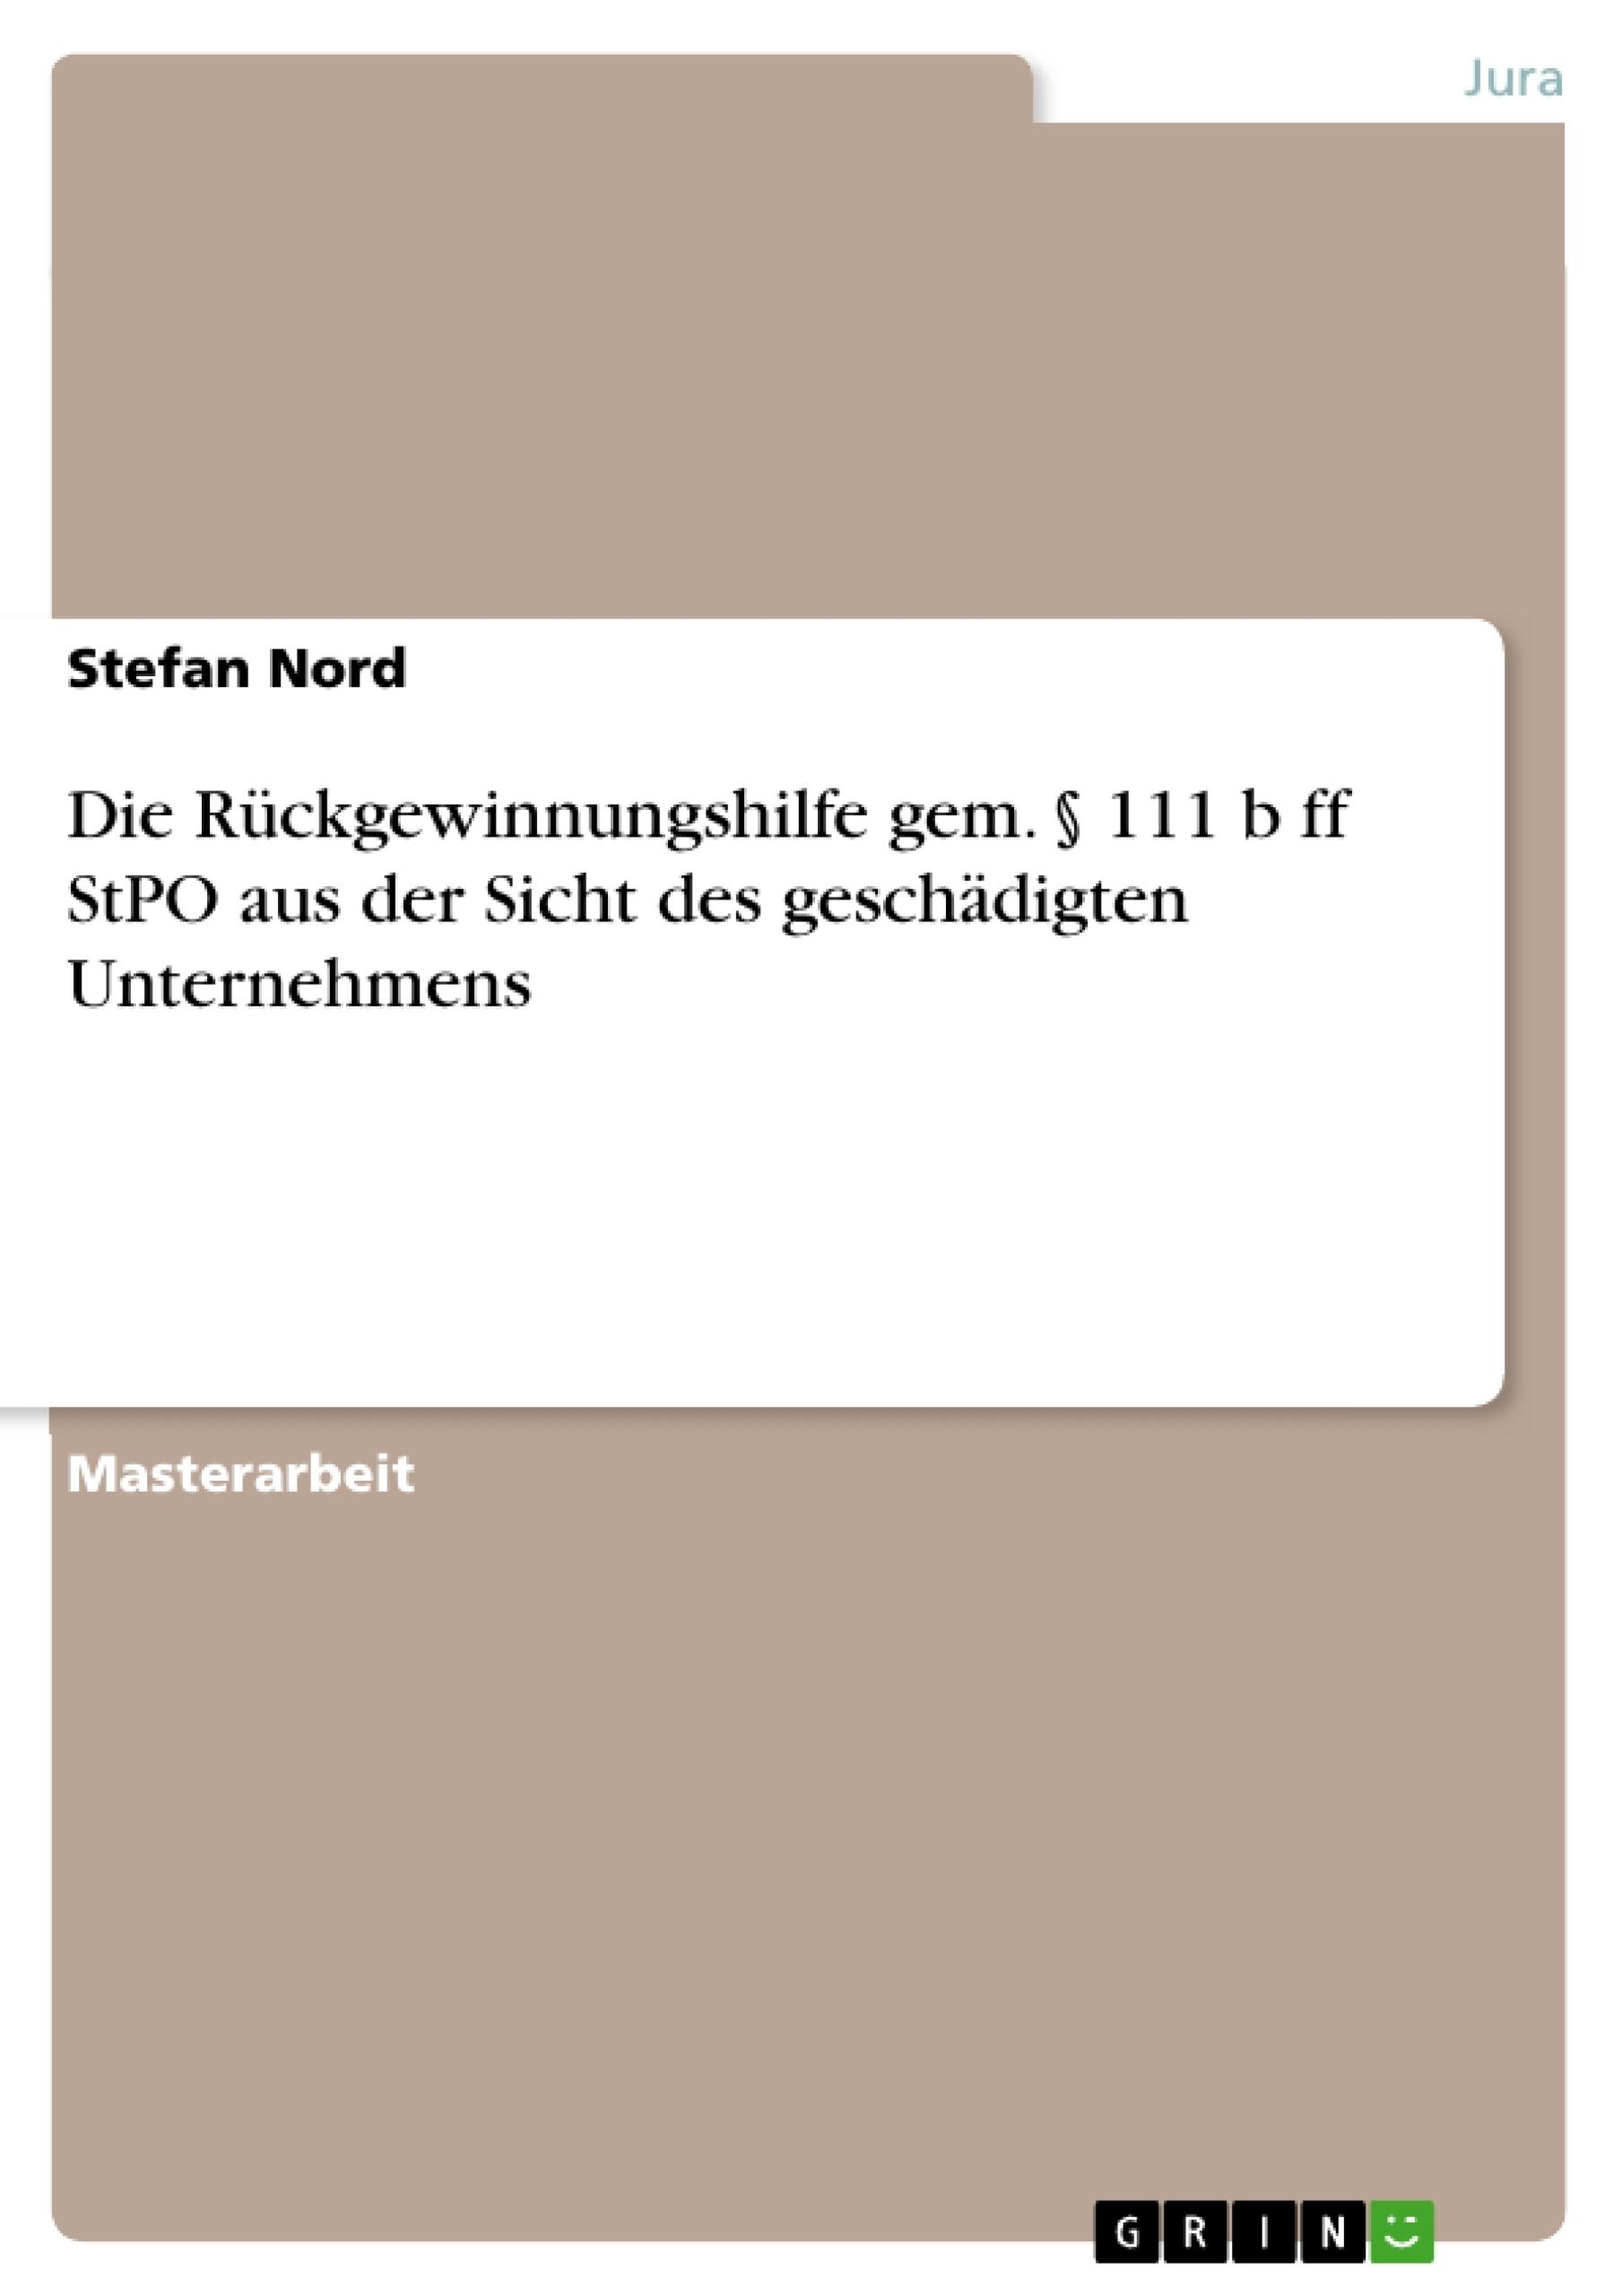 Titel: Die Rückgewinnungshilfe gem. § 111 b ff StPO aus der Sicht des geschädigten Unternehmens